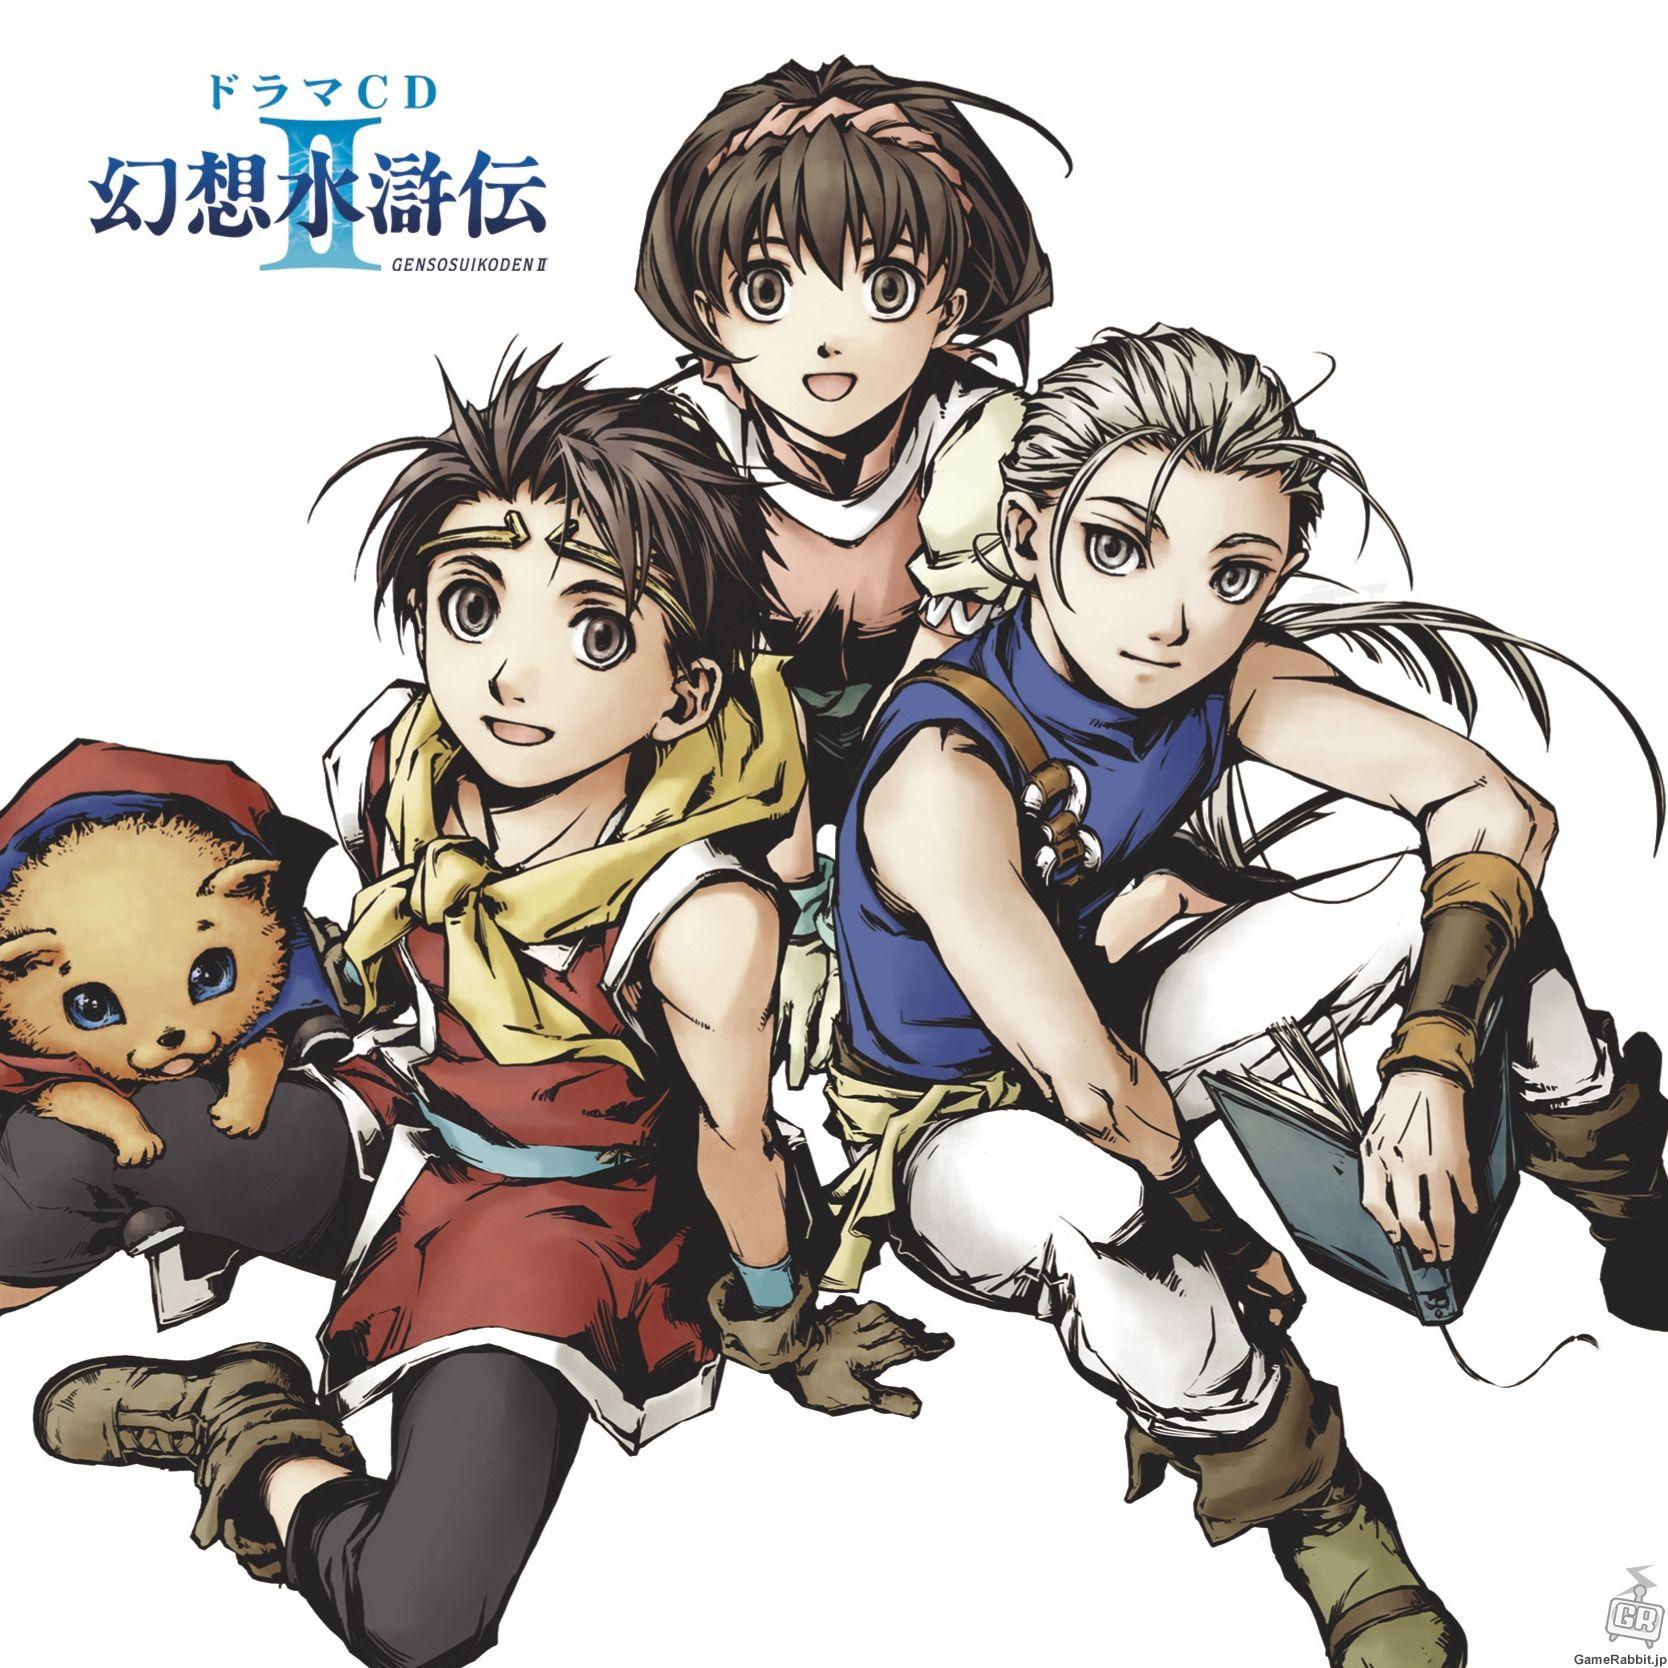 Suikoden 2 Rpg Game For Ps1 Desain Karakter Seni Anime Gambar